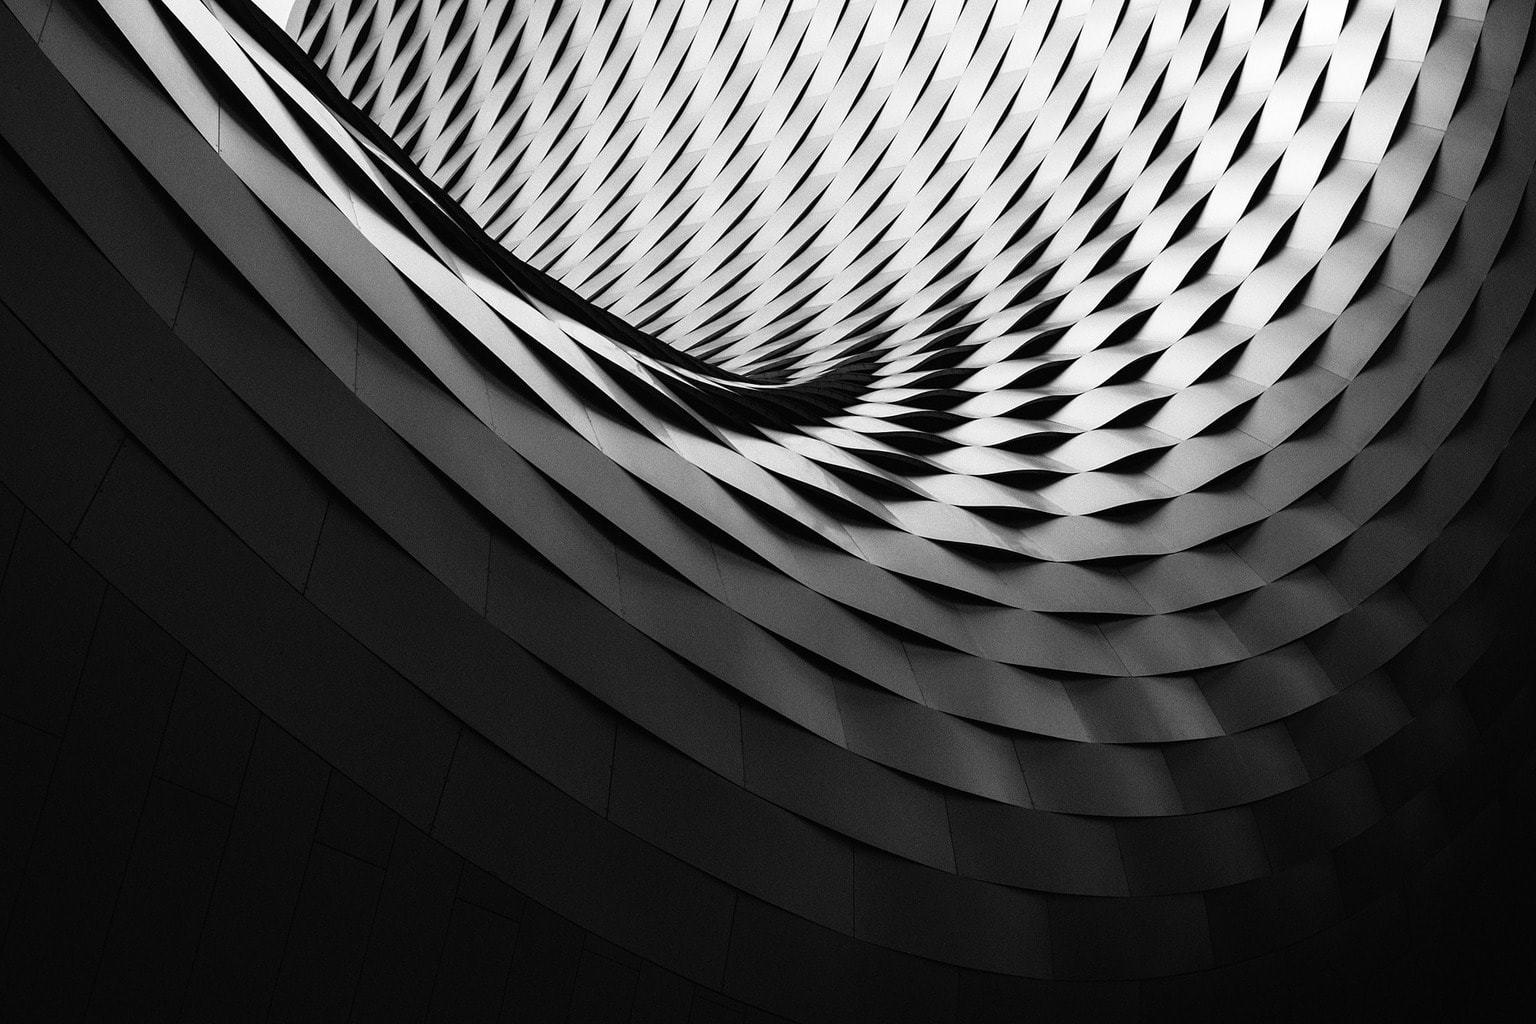 fotografía arquitectura geometrías